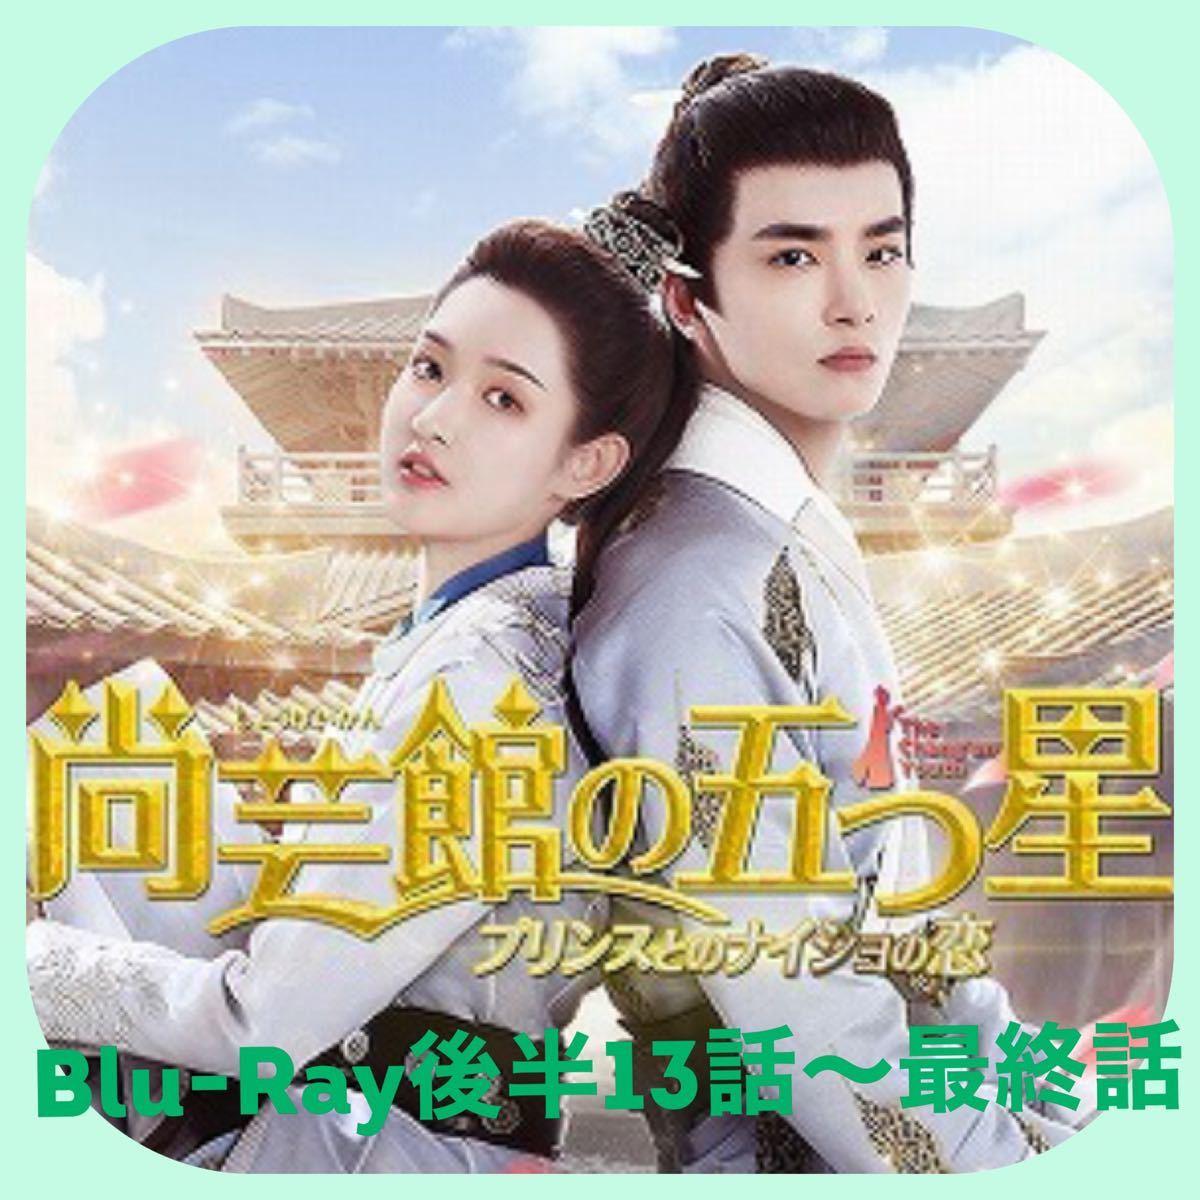 中国ドラマ  尚芸館の五つ星  Blu-Ray 後半13話-最終話   画質良